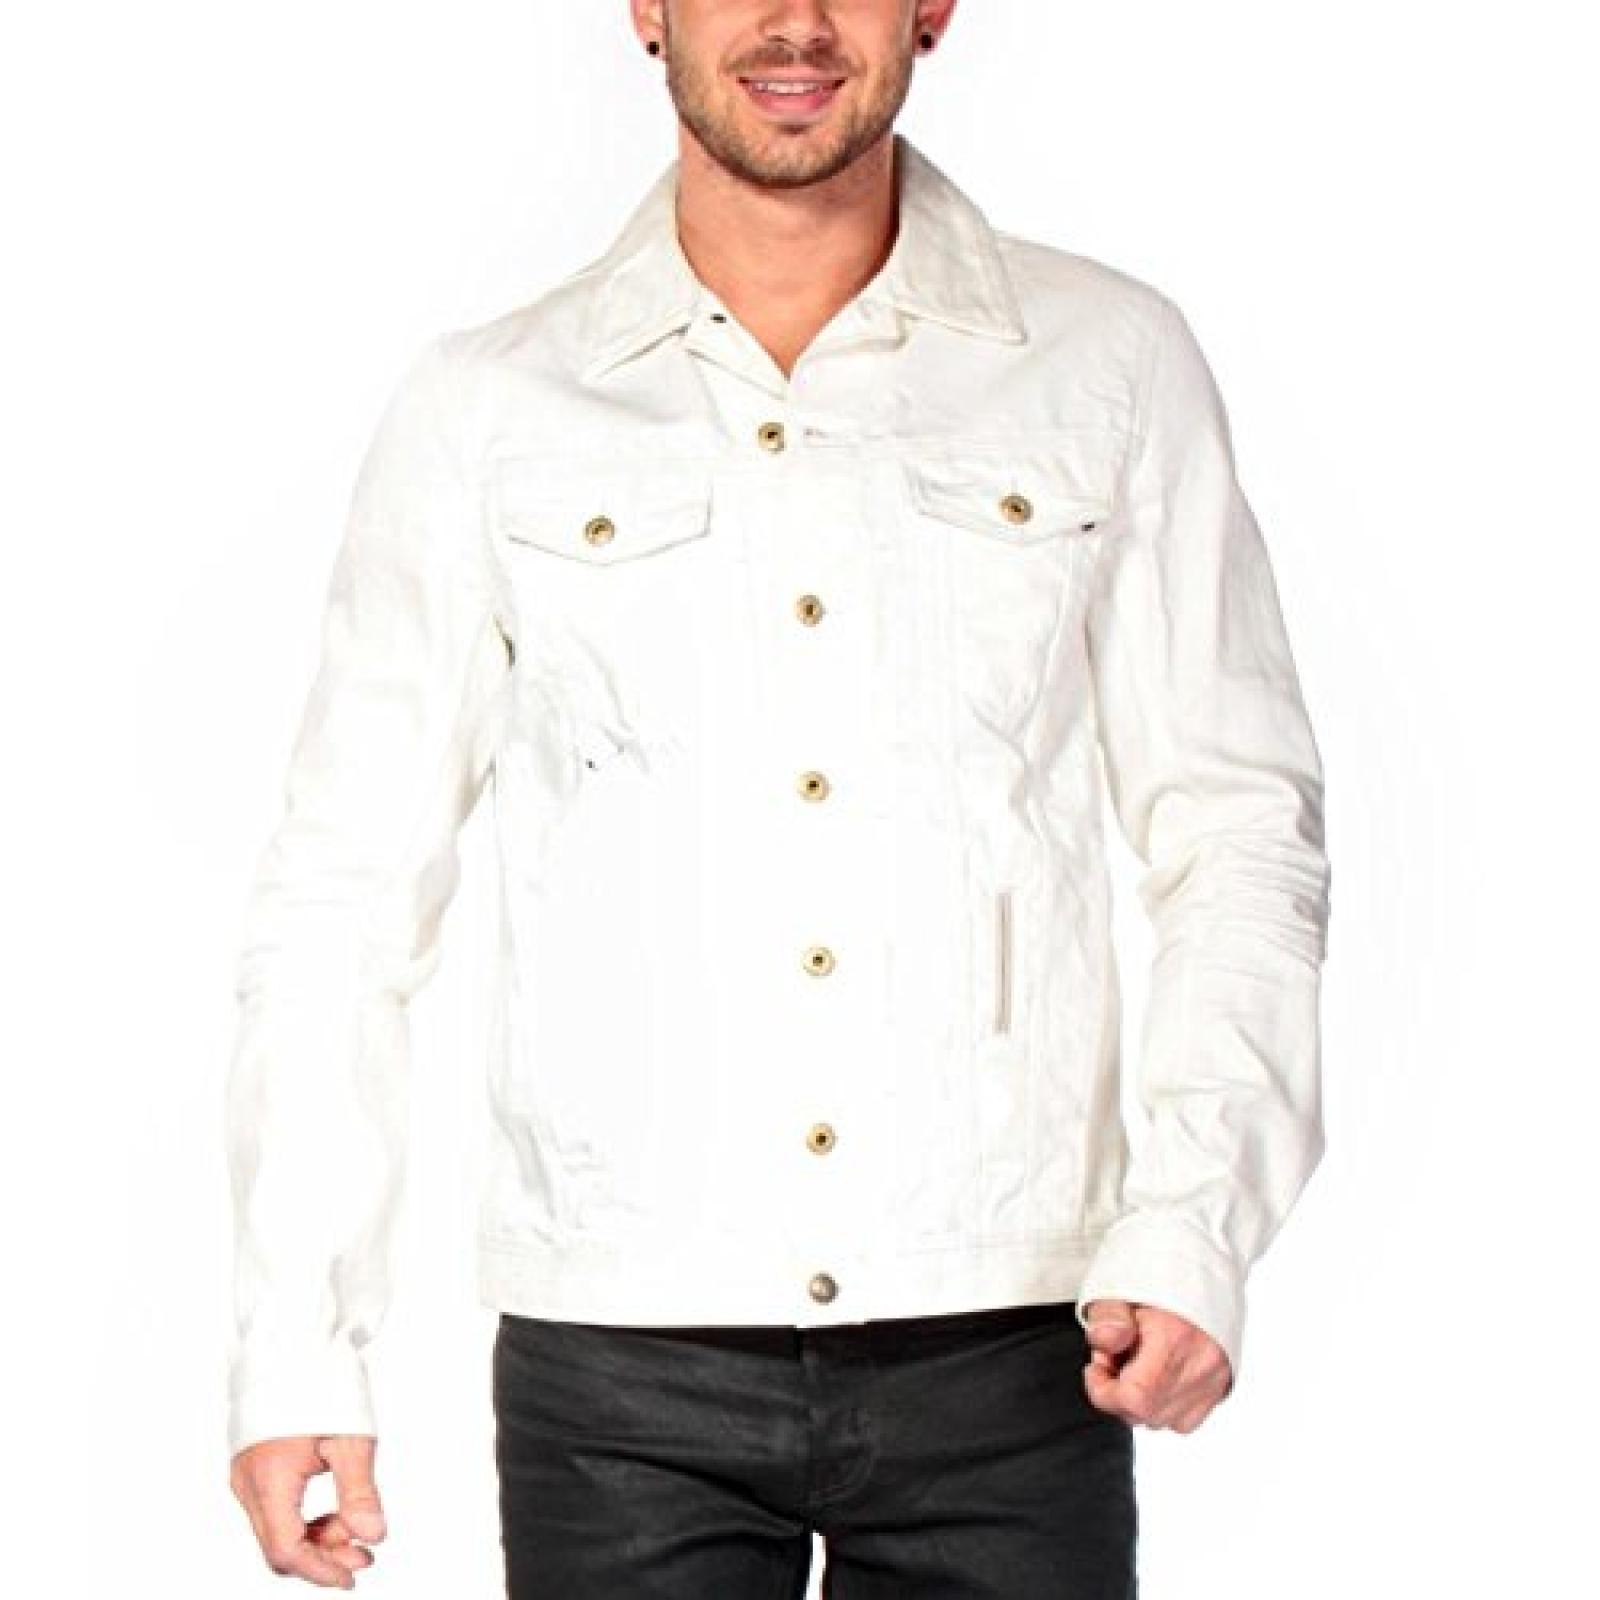 Diesel Damen Jacke Weiß weiß